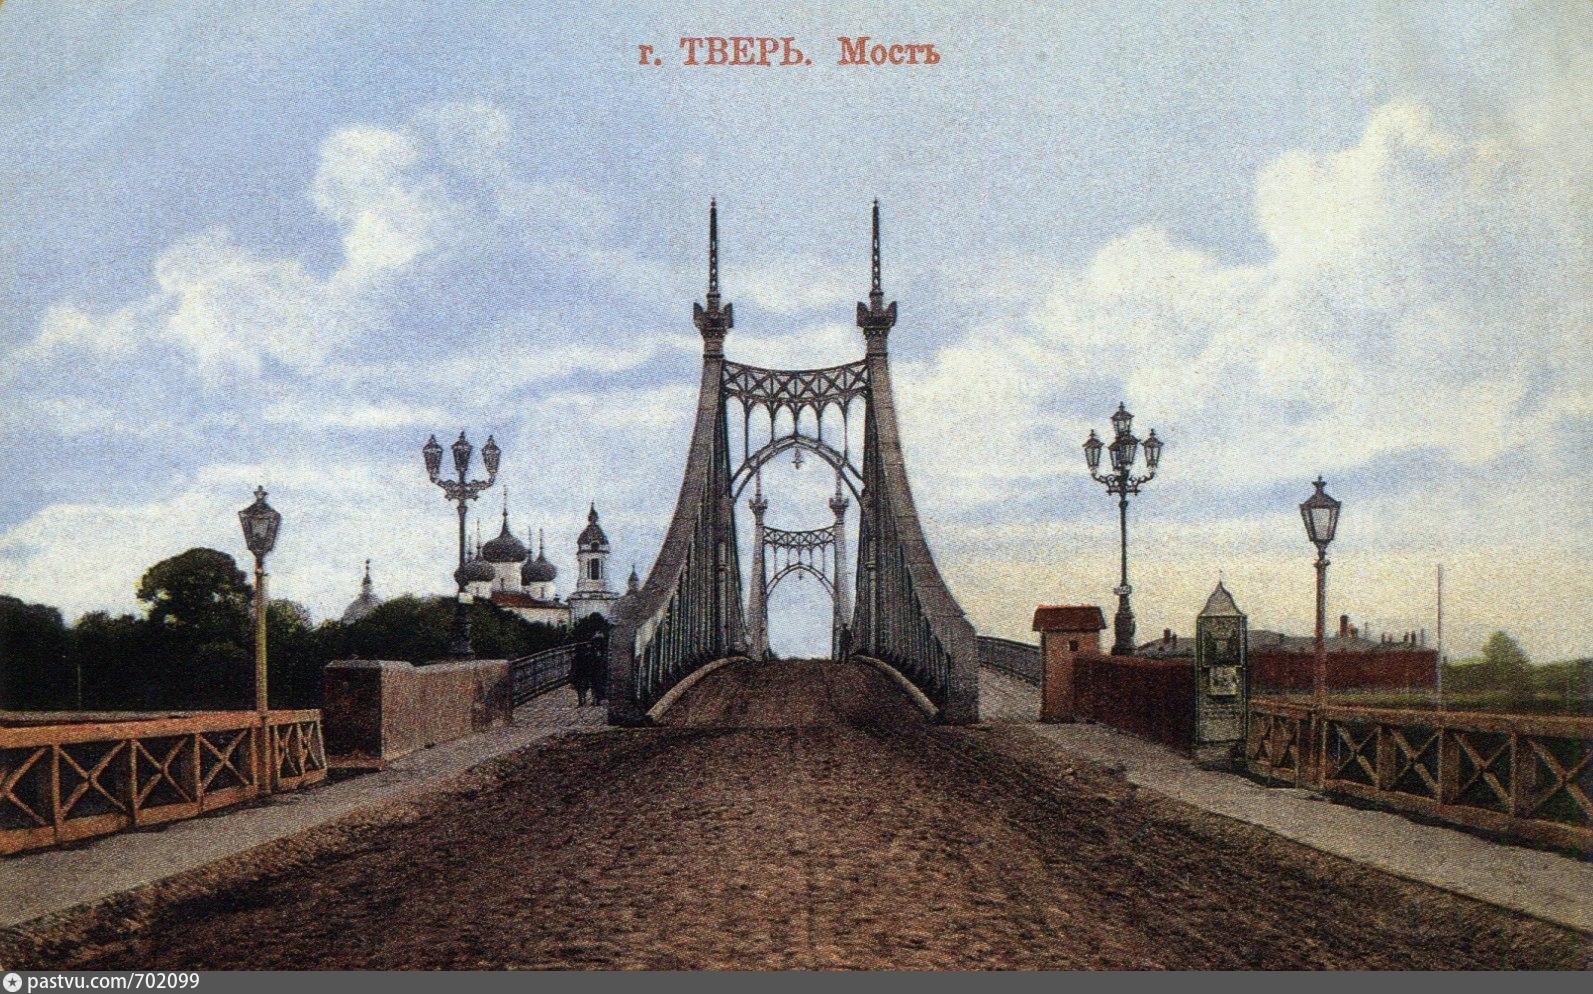 Мосты открытки старые, рекламной открытки открытка